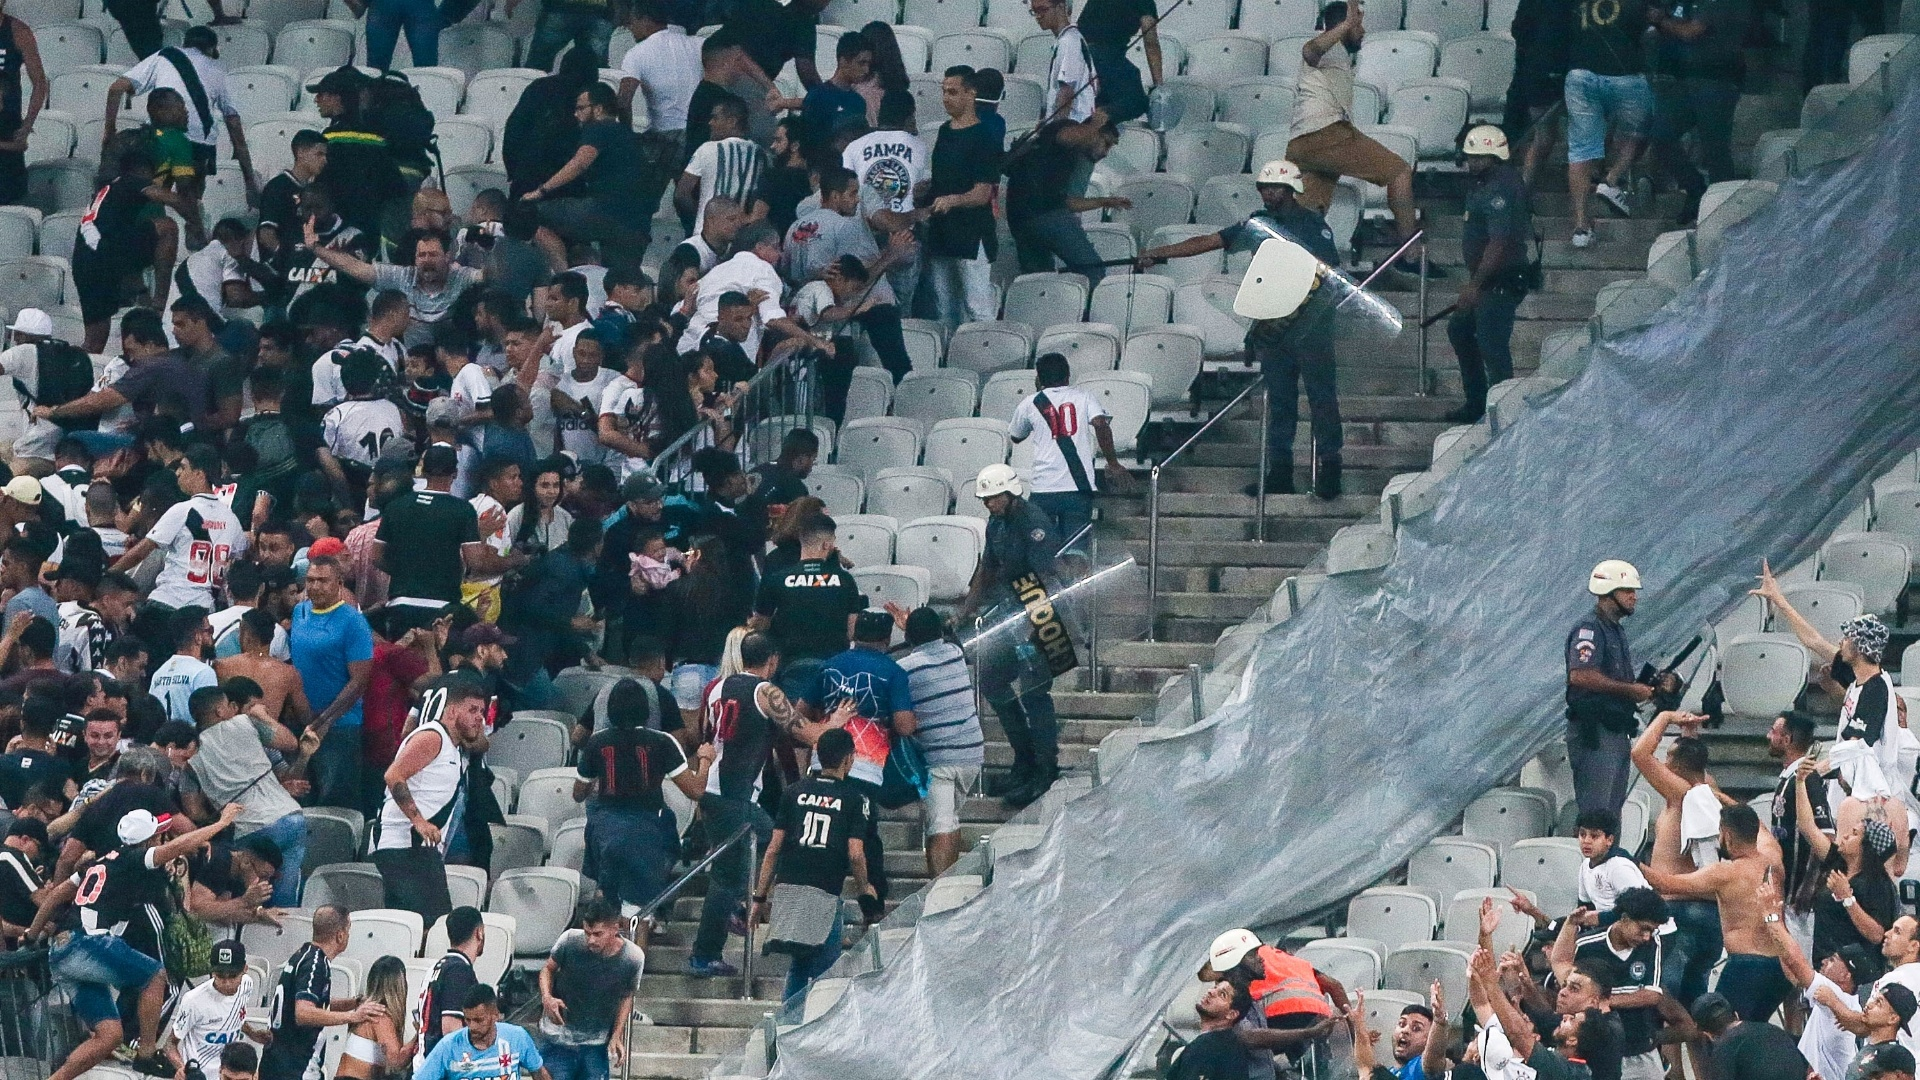 Correria em setor visitante da Arena Corinthians marca final de partida contra o Vasco